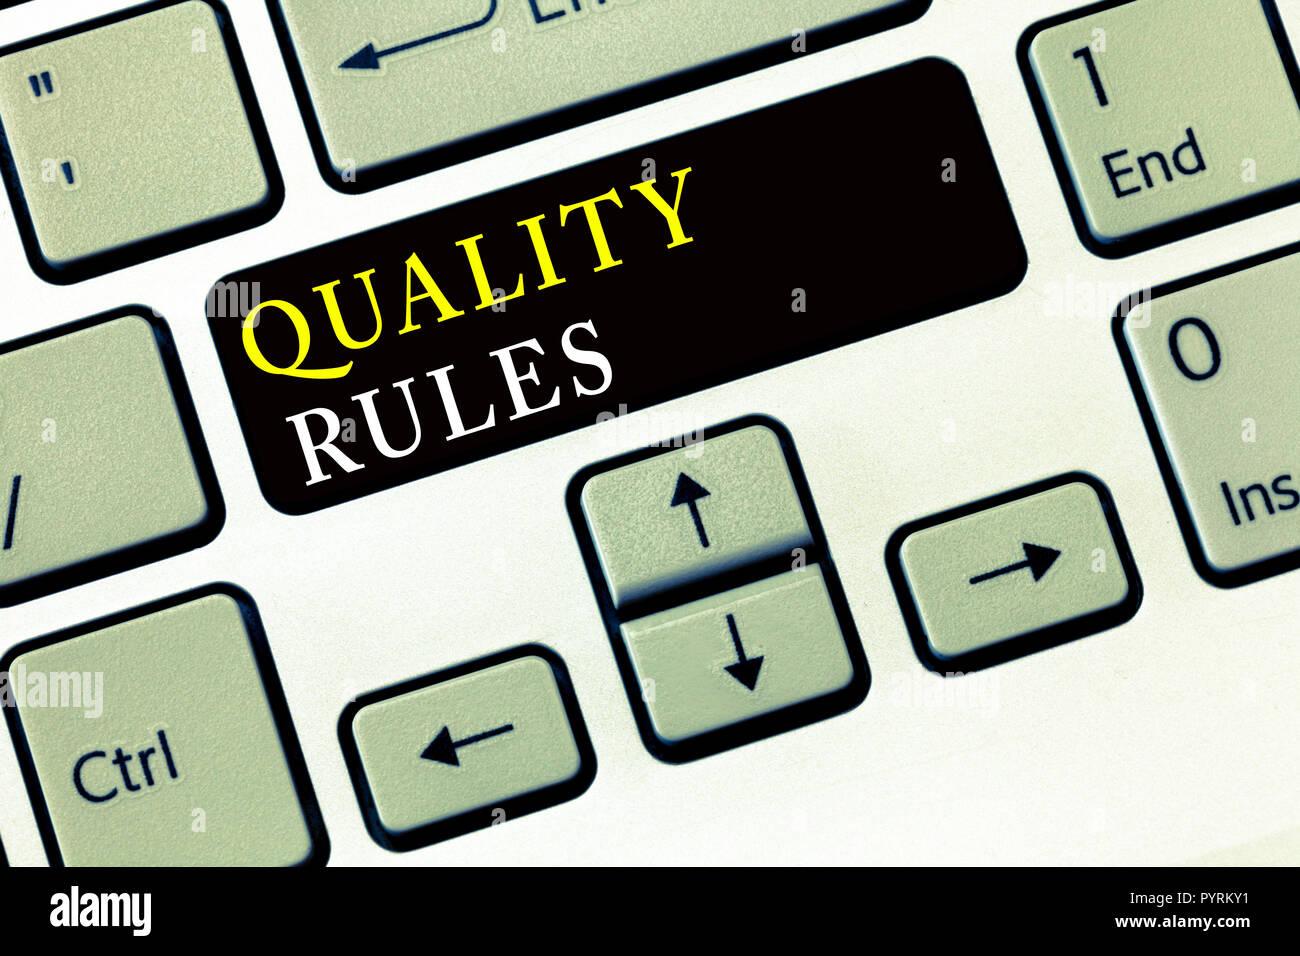 Complaint Procedure Stock Photos Amp Complaint Procedure Stock Images